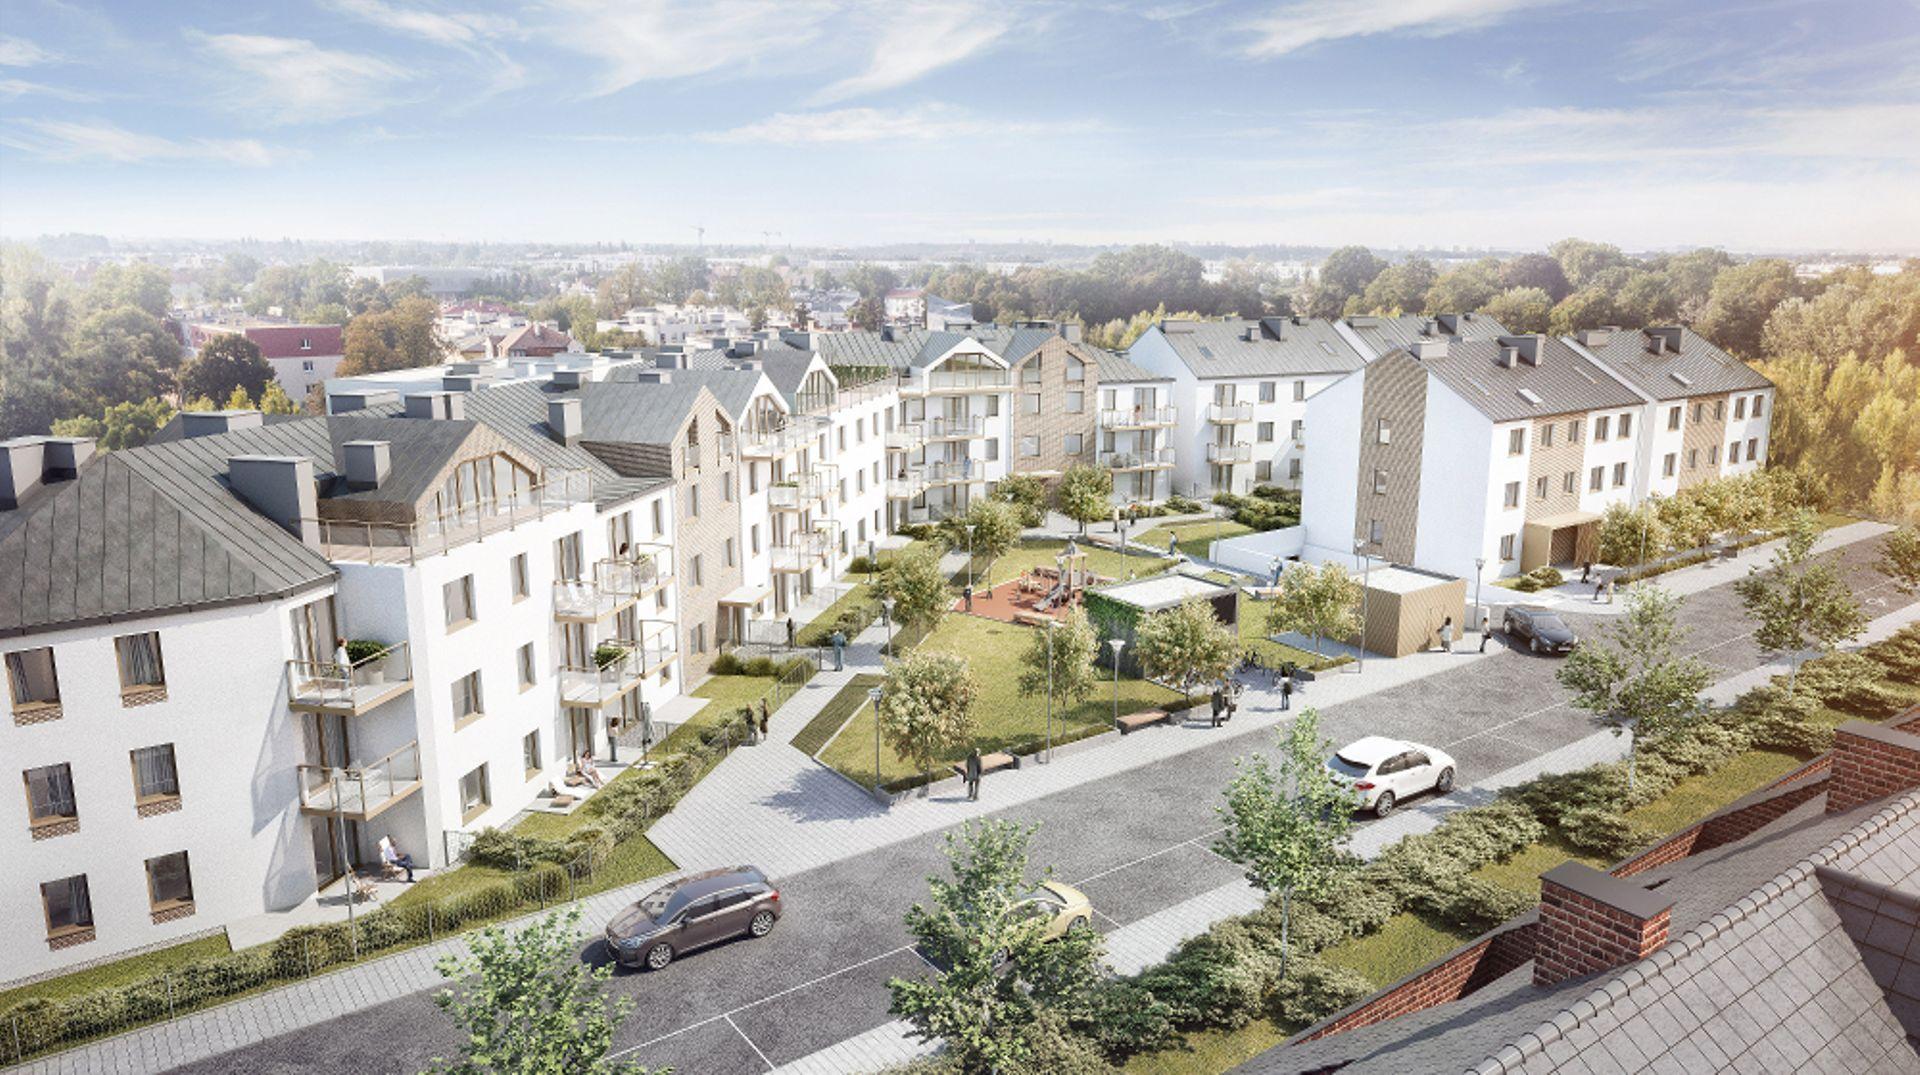 [Wrocław] Kameralna Klecina – Vantage Development rusza ze sprzedażą mieszkań na południu Wrocławia [WIZUALIZACJE]